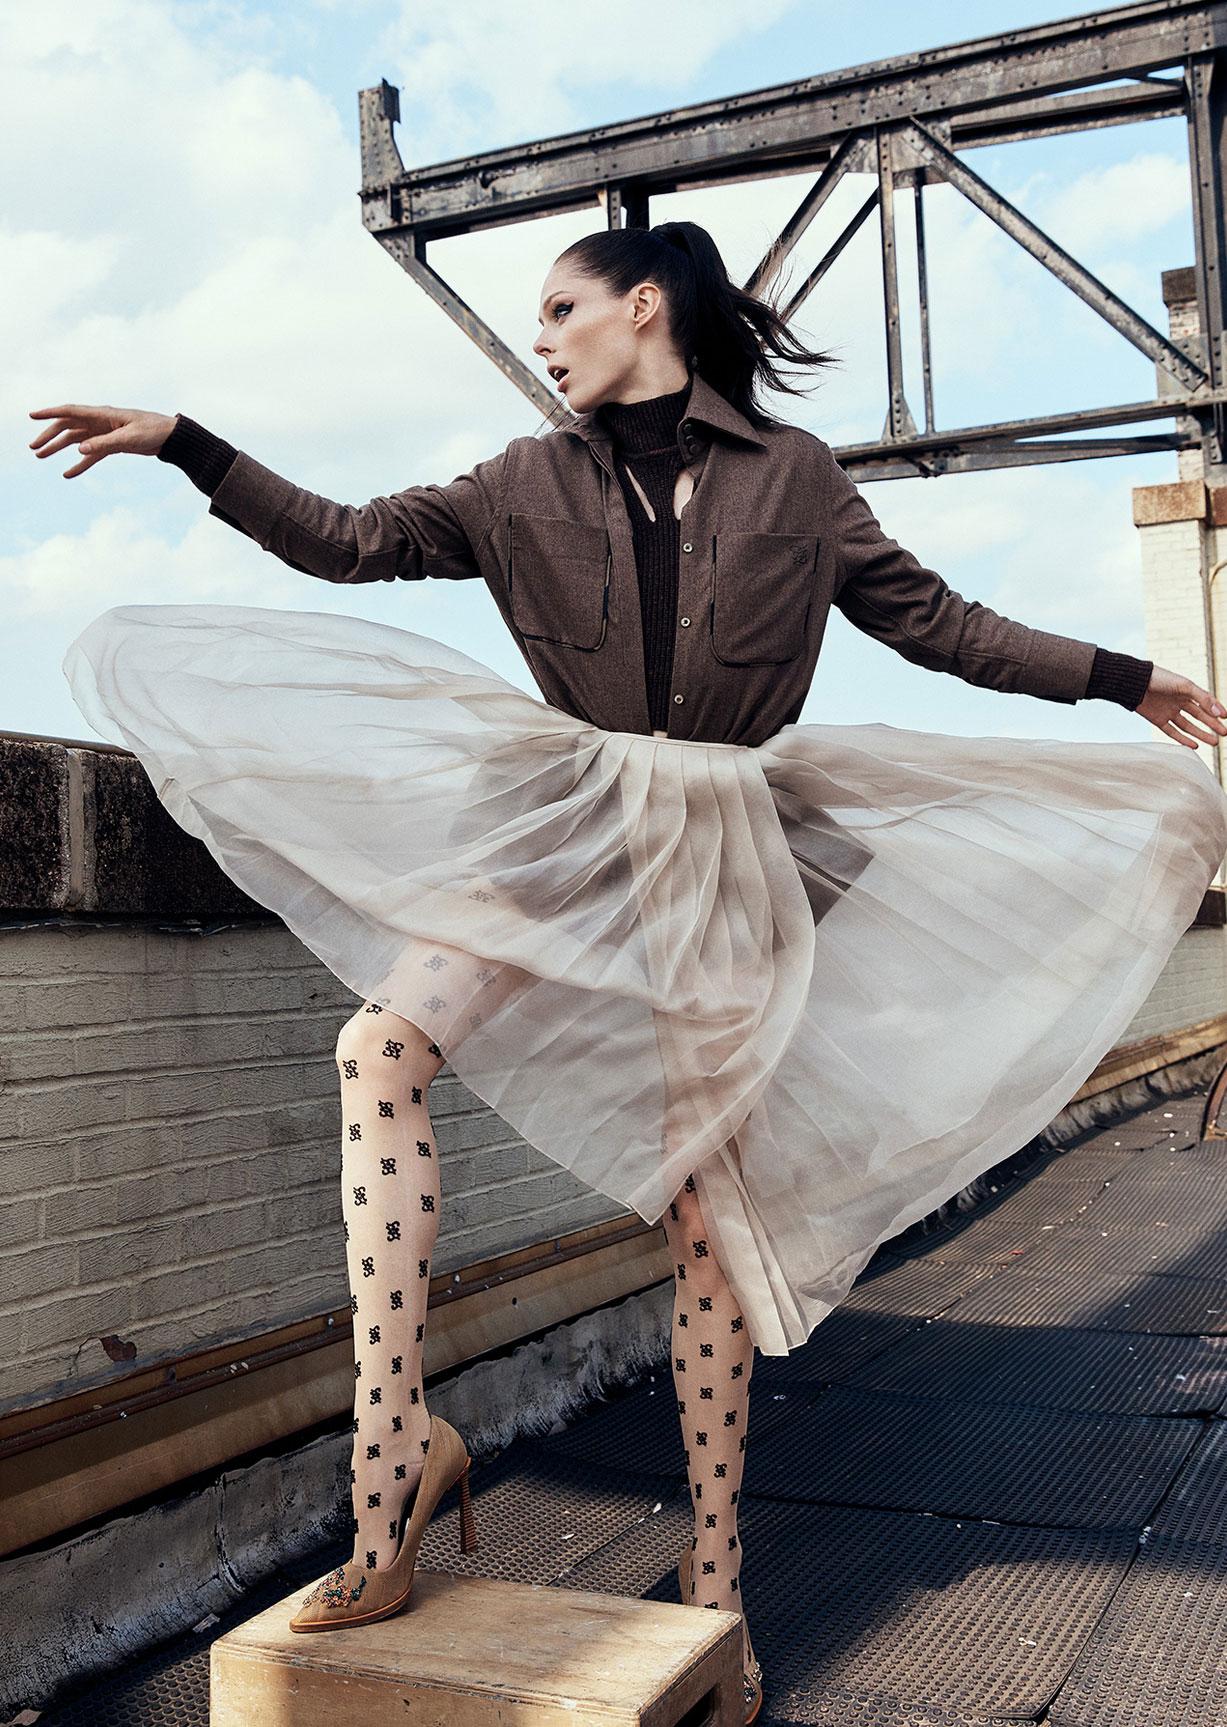 модное дефиле на крыше, модель Коко Роша / фото 05